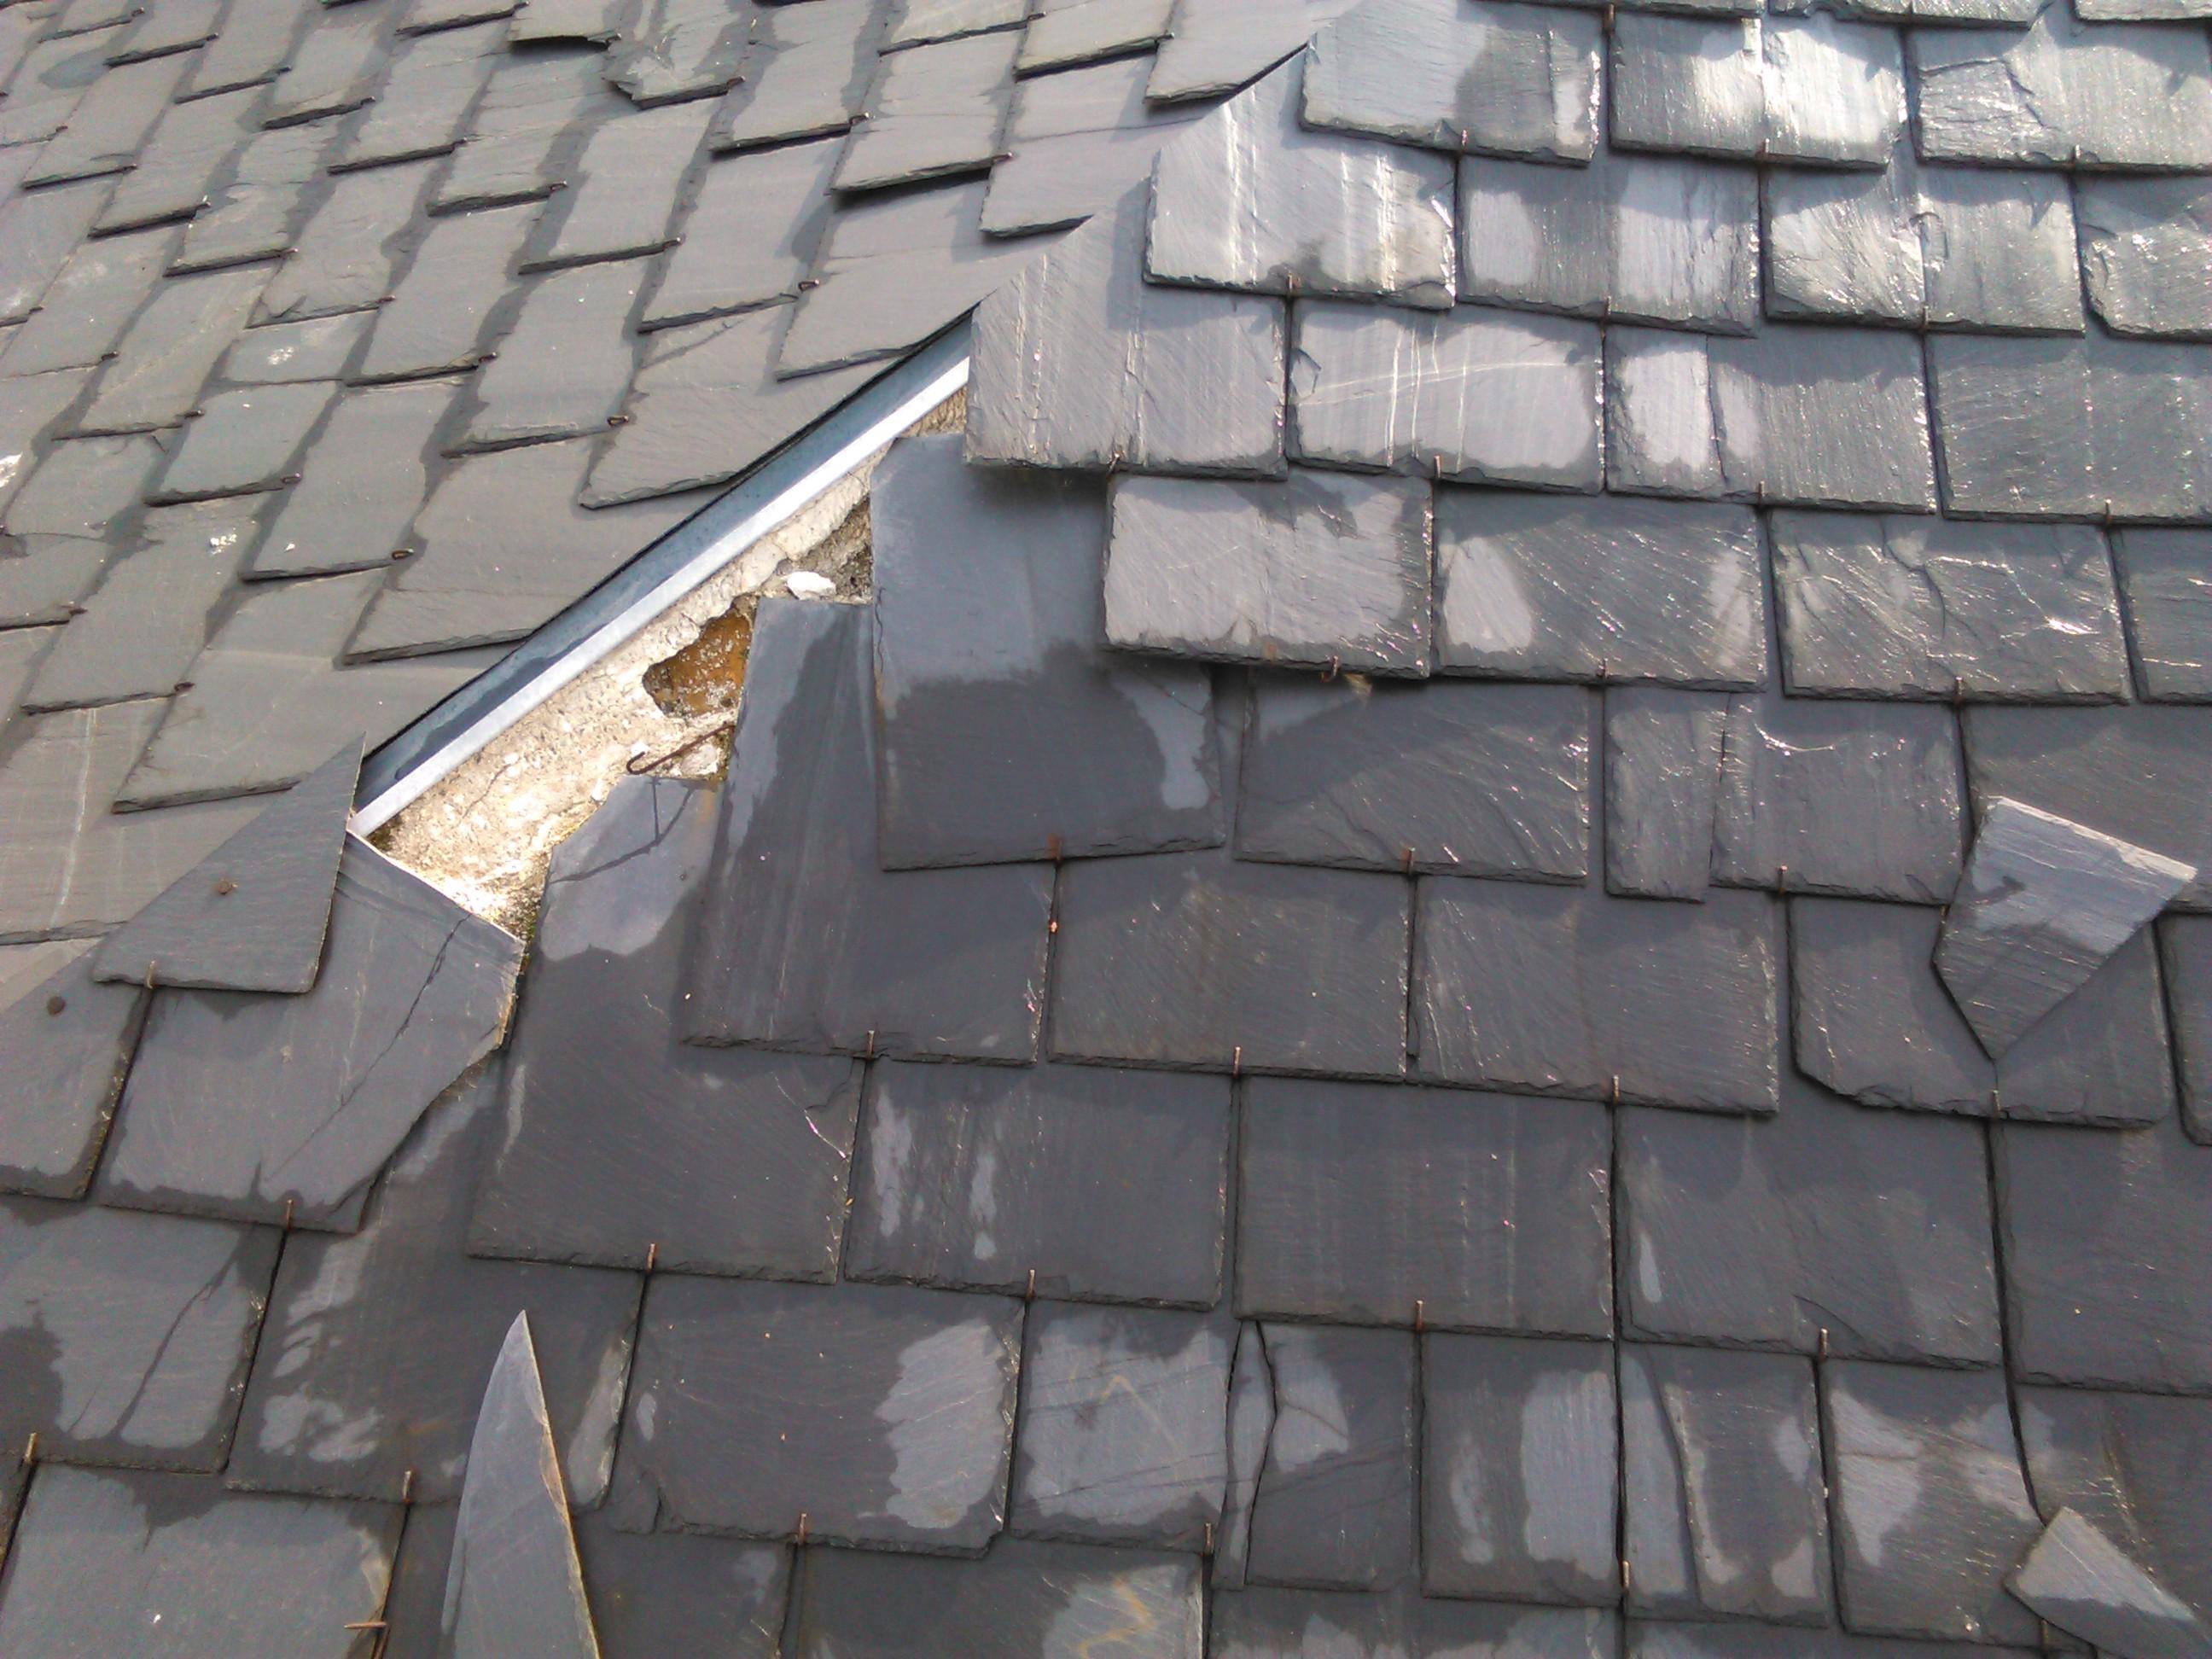 cuanto cuesta arreglar un tejado beautiful encima de los